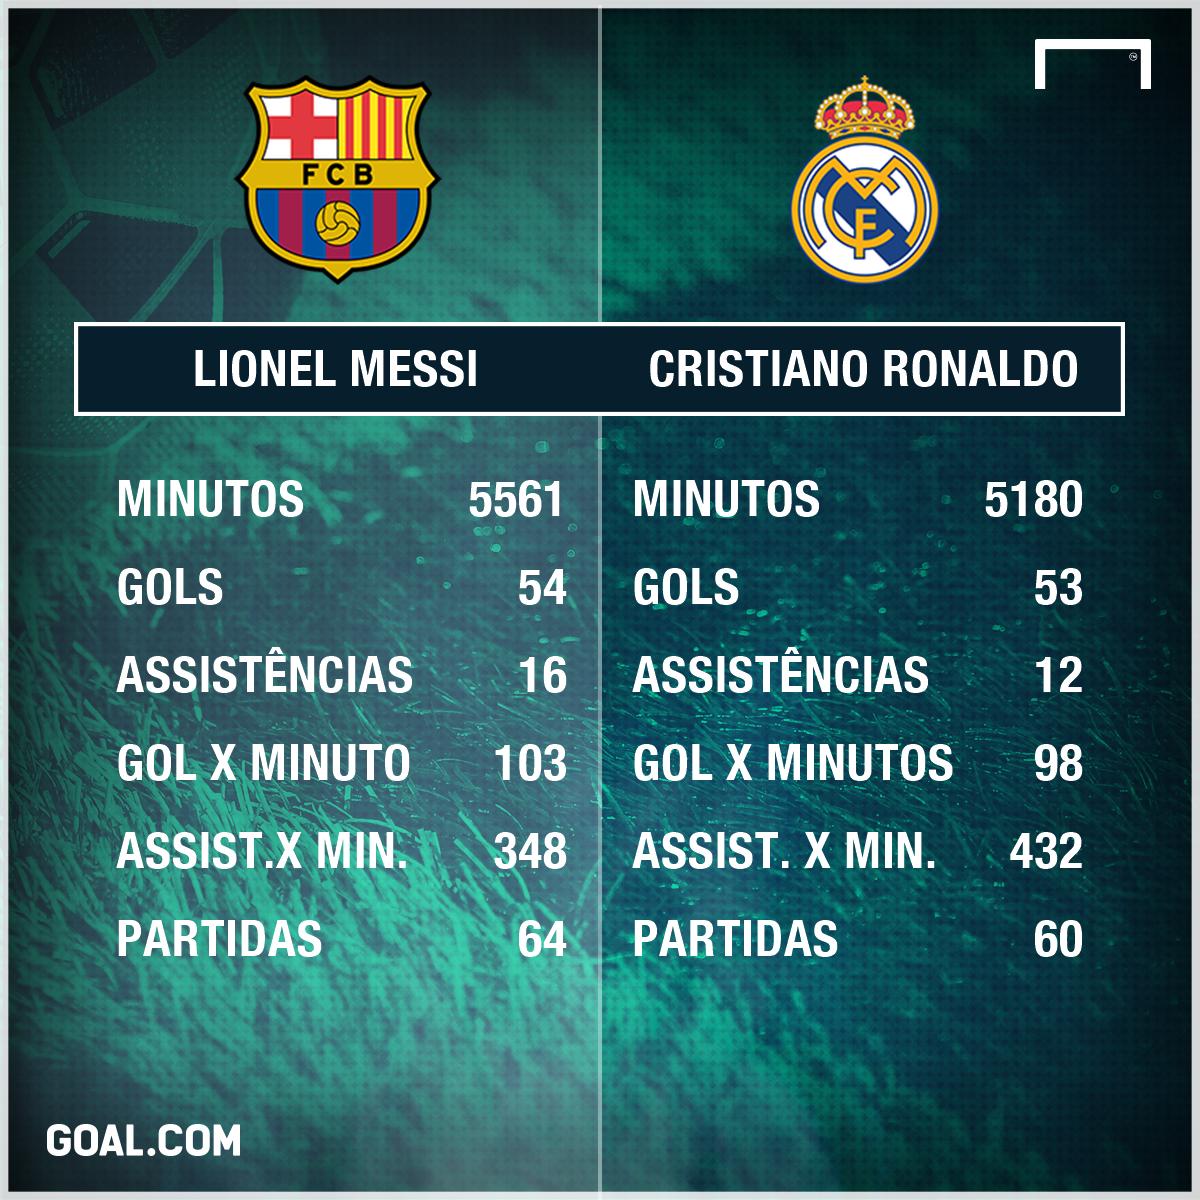 O 2017 de Messi x Cristiano Ronaldo: gols, assistências e efetividade